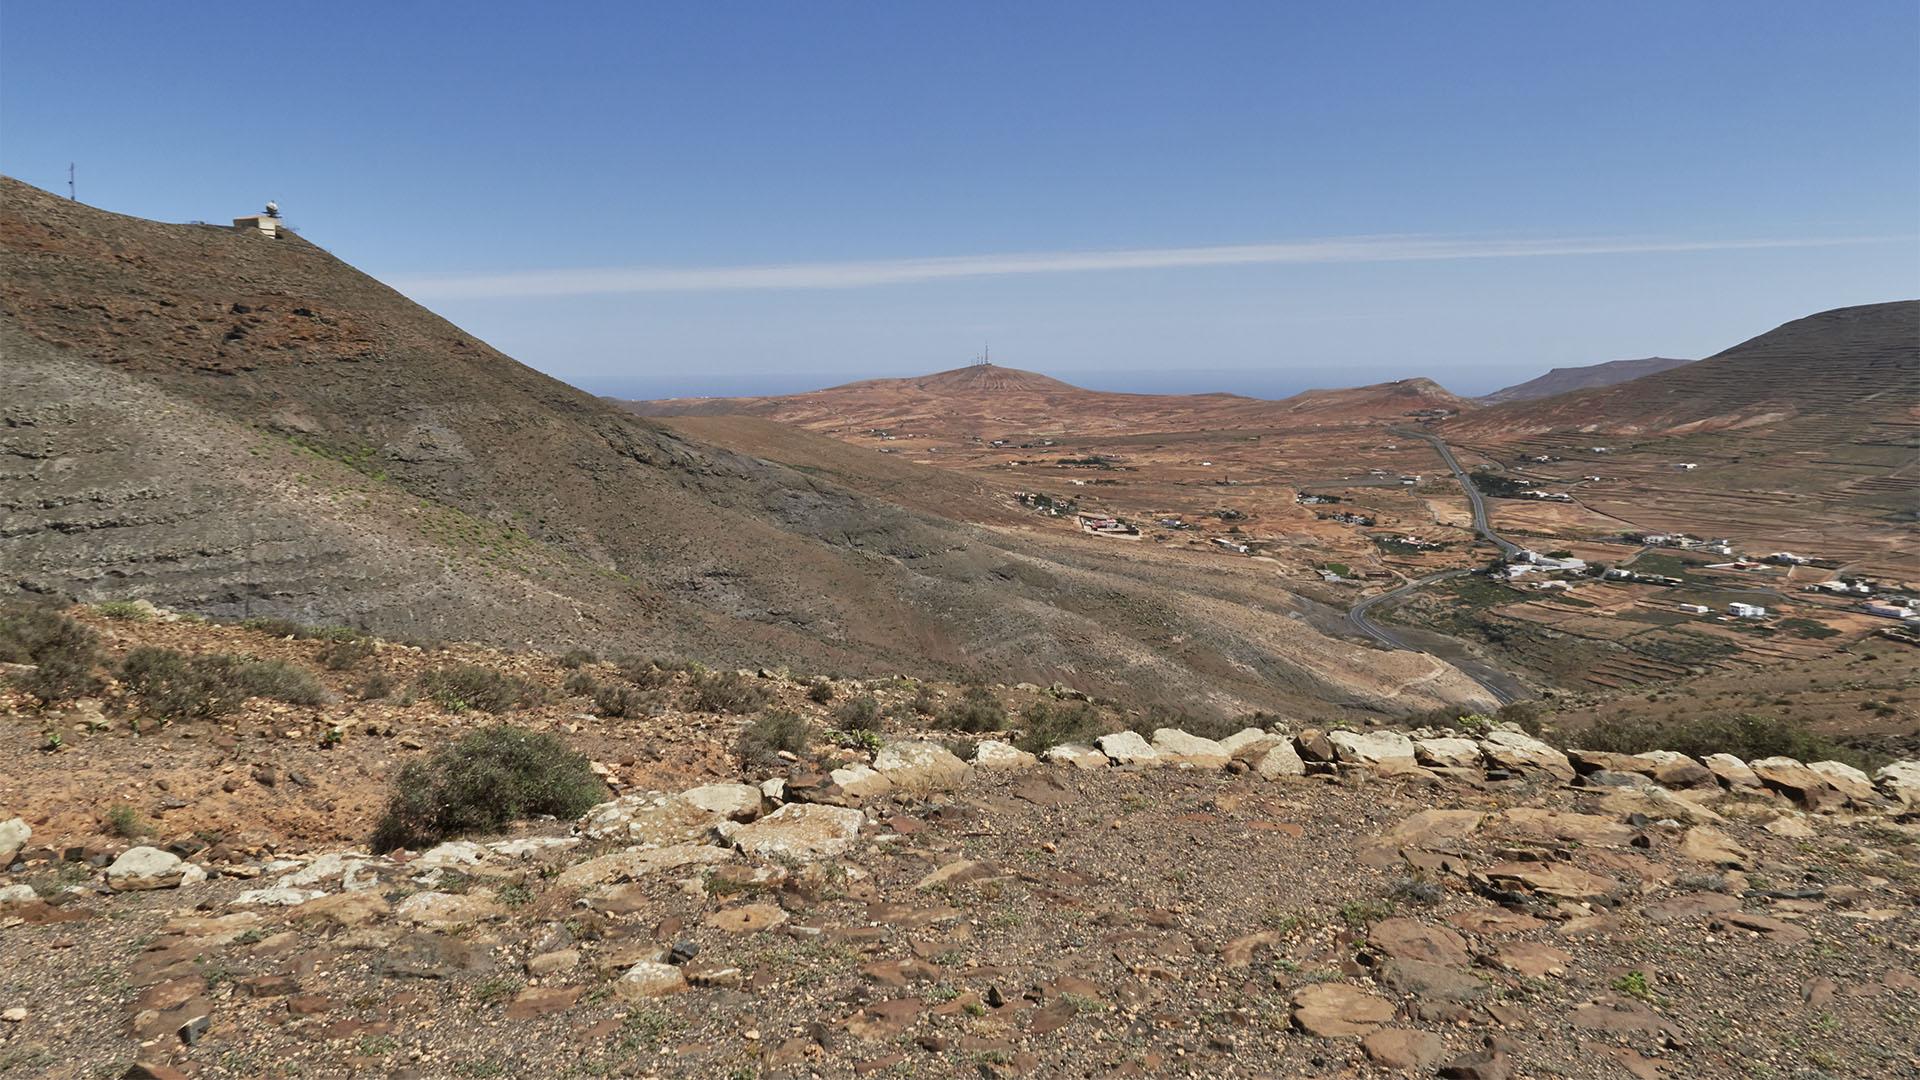 Blick vom Aussichtspunkt 1 auf die Radarstation am Montaña de la Muda und La Matilla.